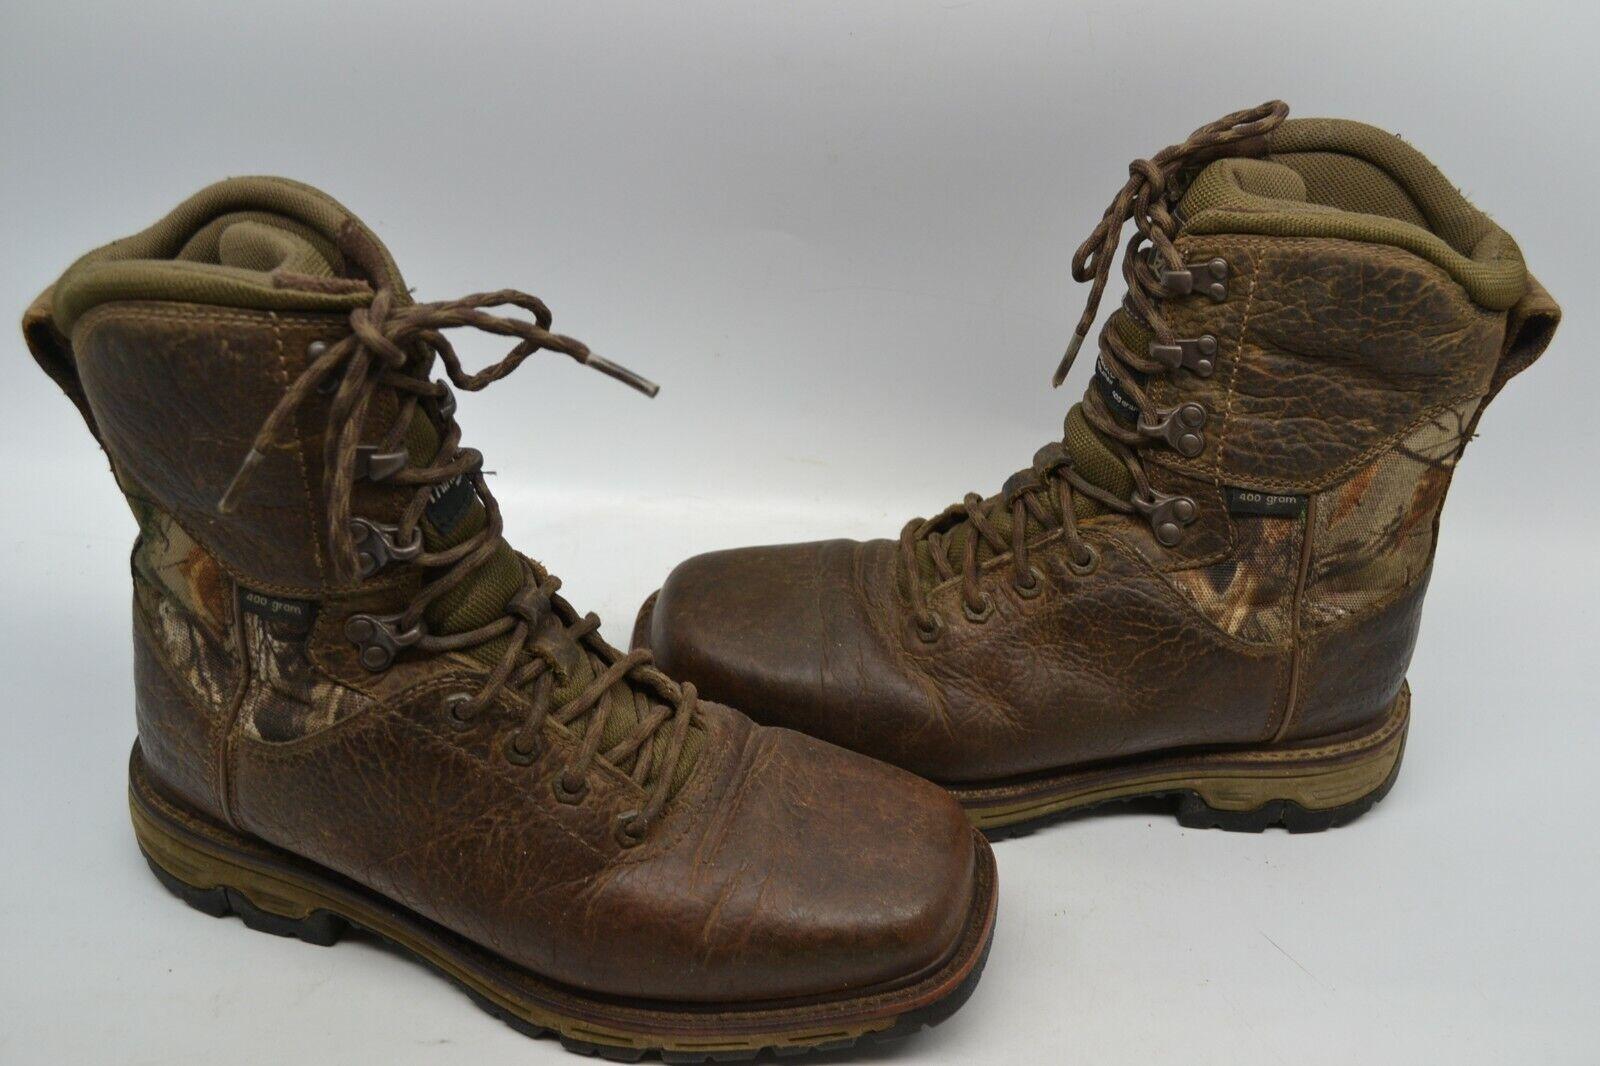 Ariat Para Hombre Conquista 8  H2O 400G Aislado botas De Trabajo Marrón Ceniza 10016336 8 D Camo